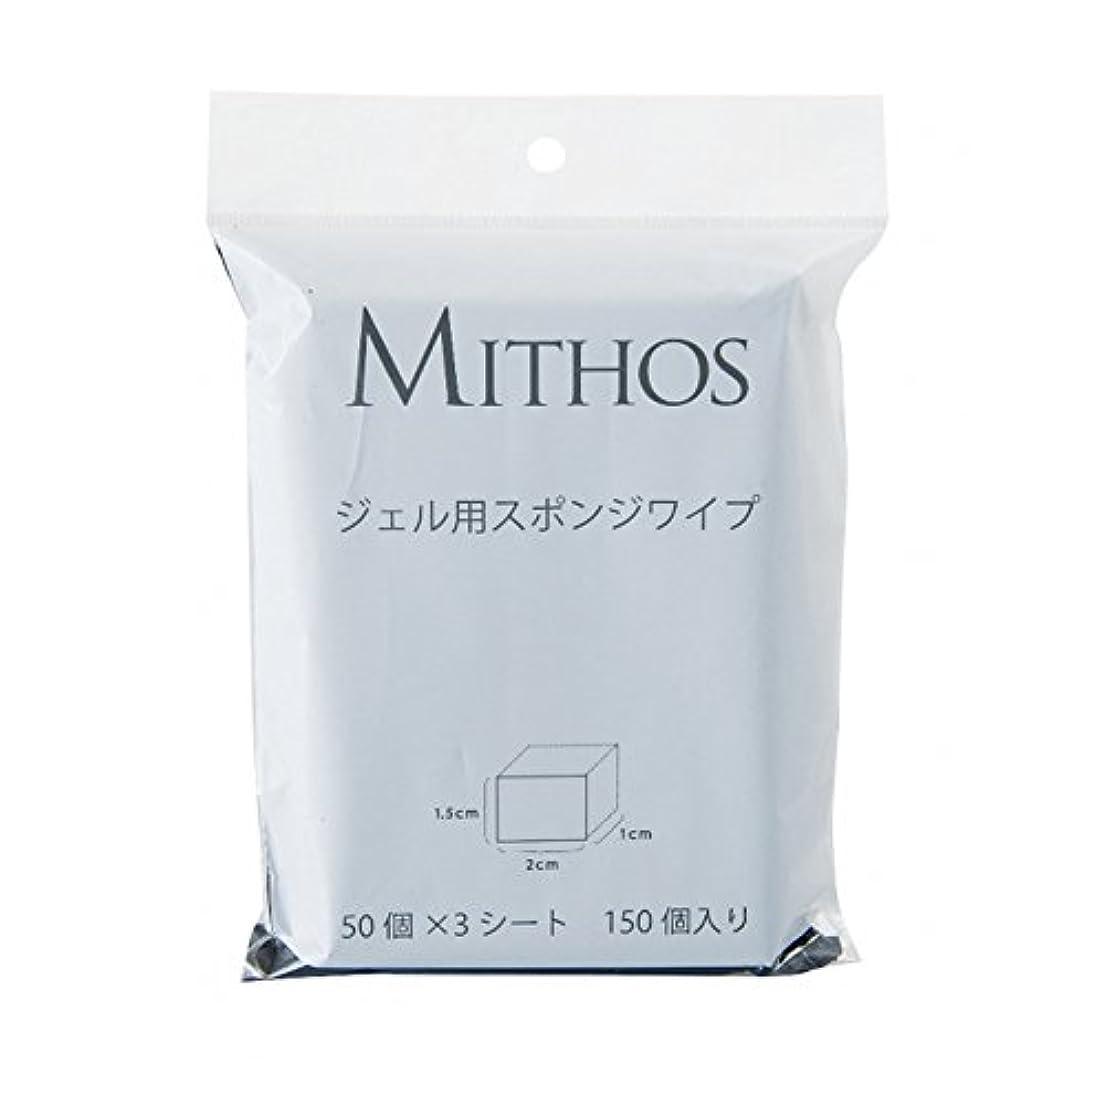 いろいろドループ素晴らしいですMITHOS ジェル用スポンジワイプ 150P 1.5×2×1cm 50個×3シート